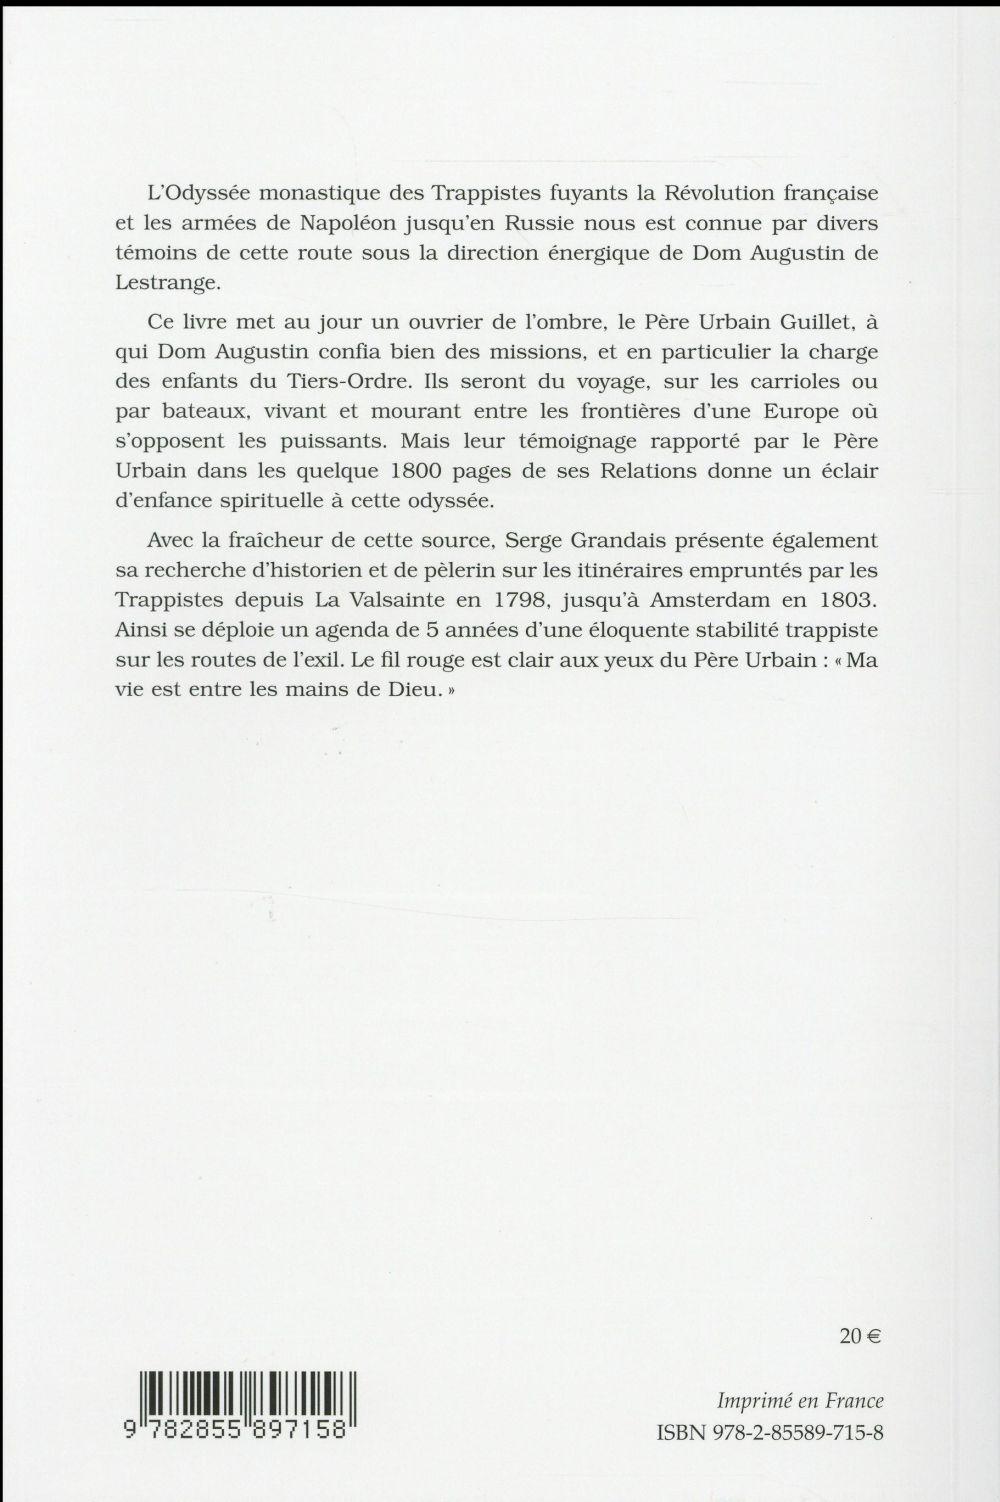 Entre les mains de dieu - l'odyssee trappiste de dom urbain guillet 1798-1803